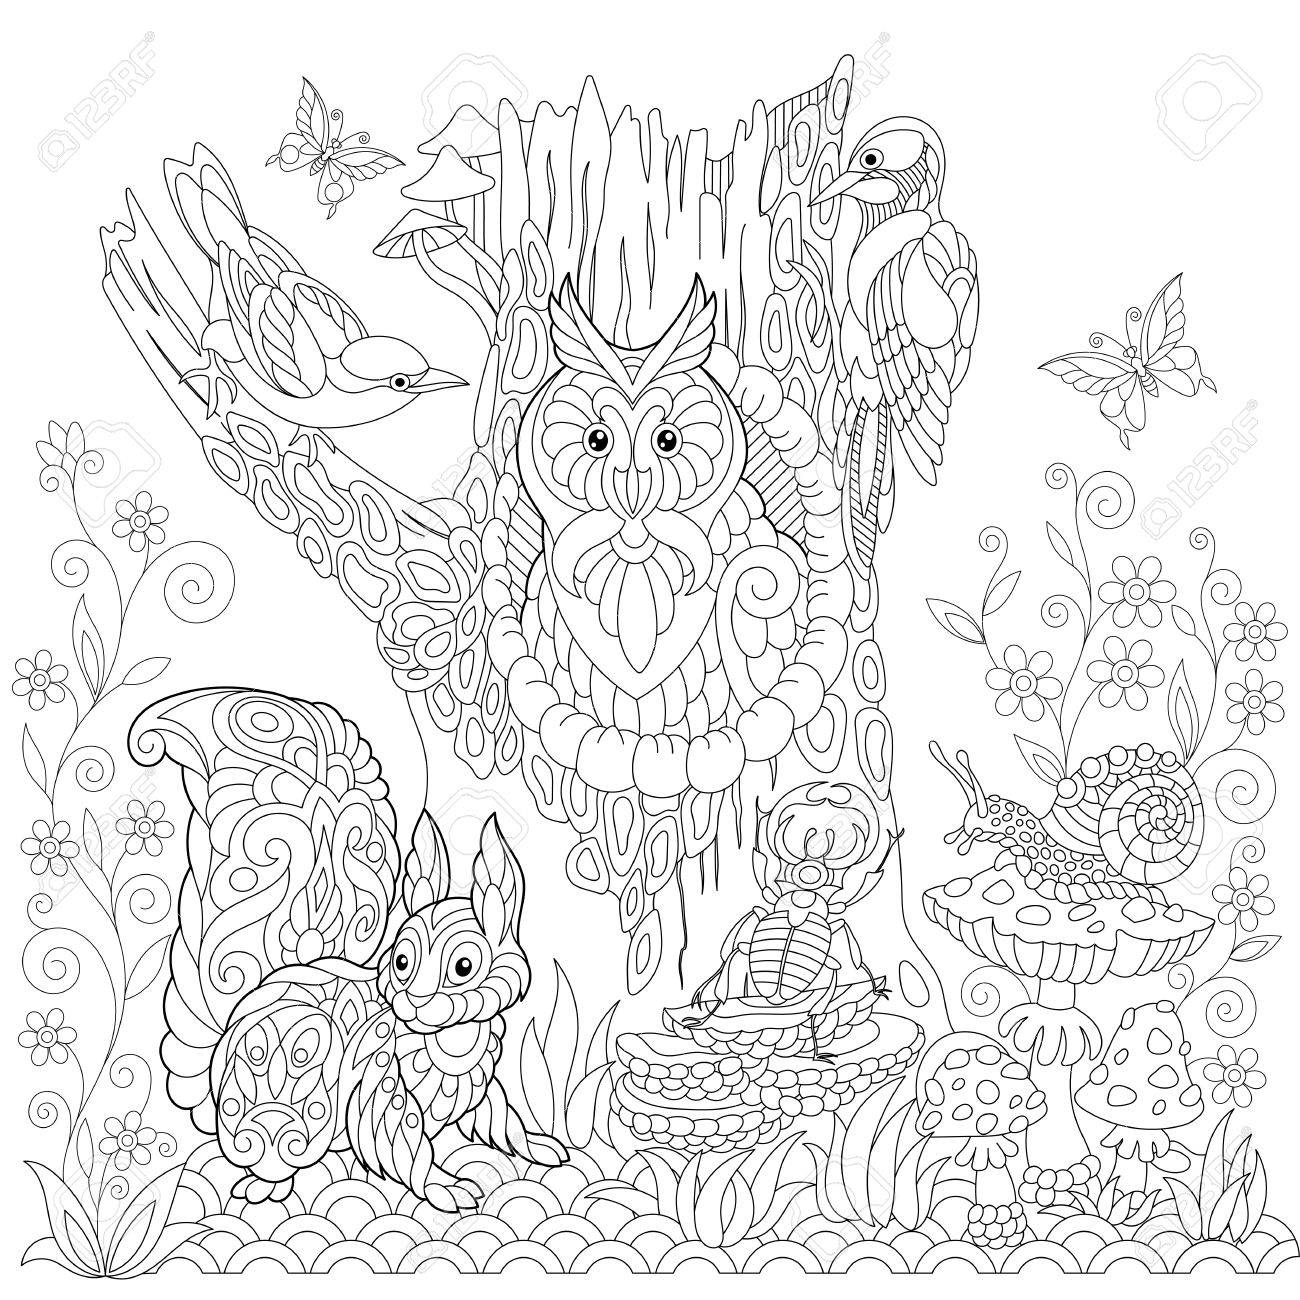 Livre Pour Colorier Page De Paysage Forestier Hibou Oiseau